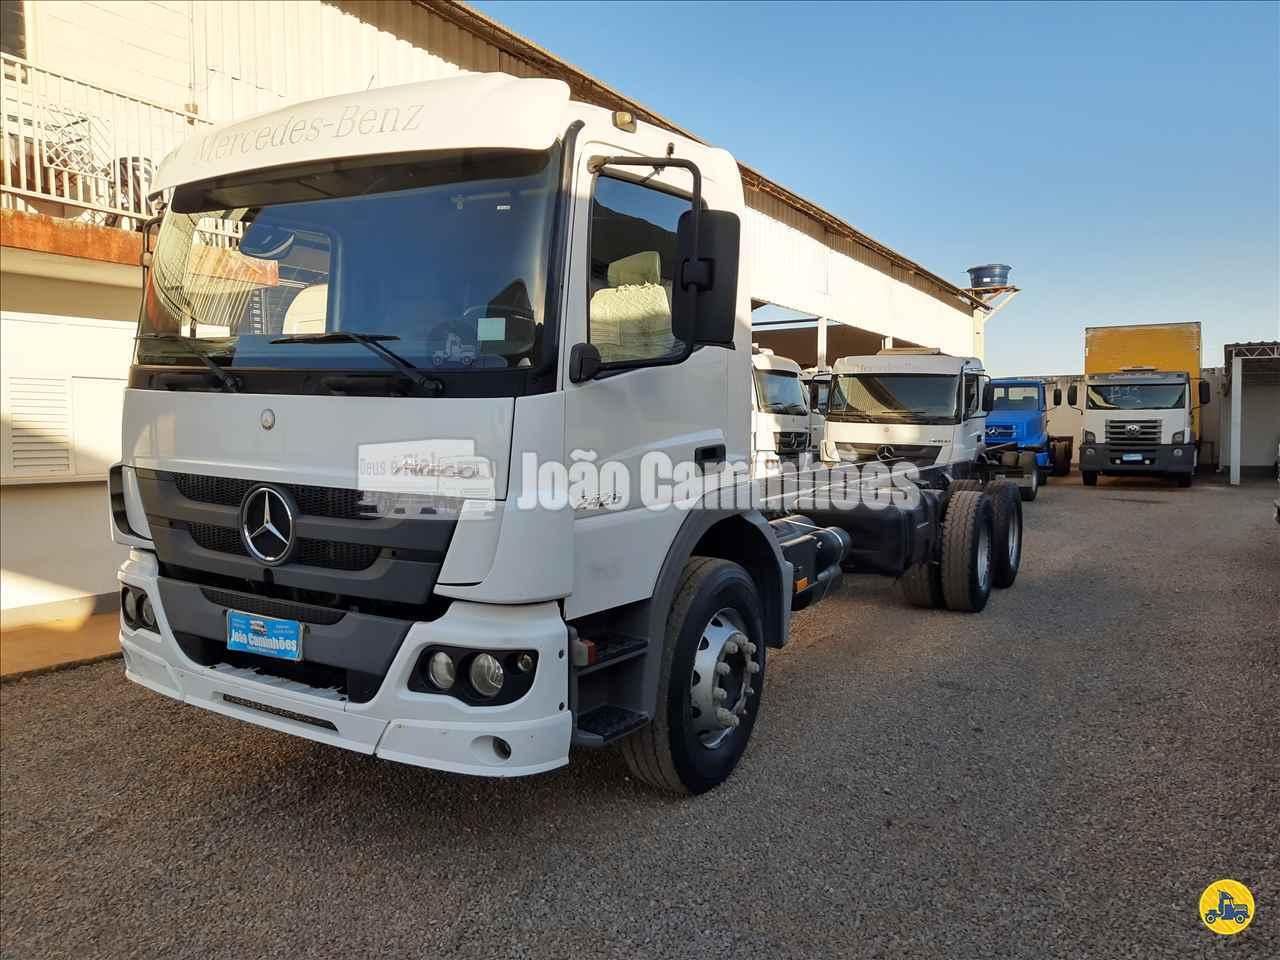 CAMINHAO MERCEDES-BENZ MB 2426 Chassis Truck 6x2 João Caminhões BRASILIA DISTRITO FEDERAL DF